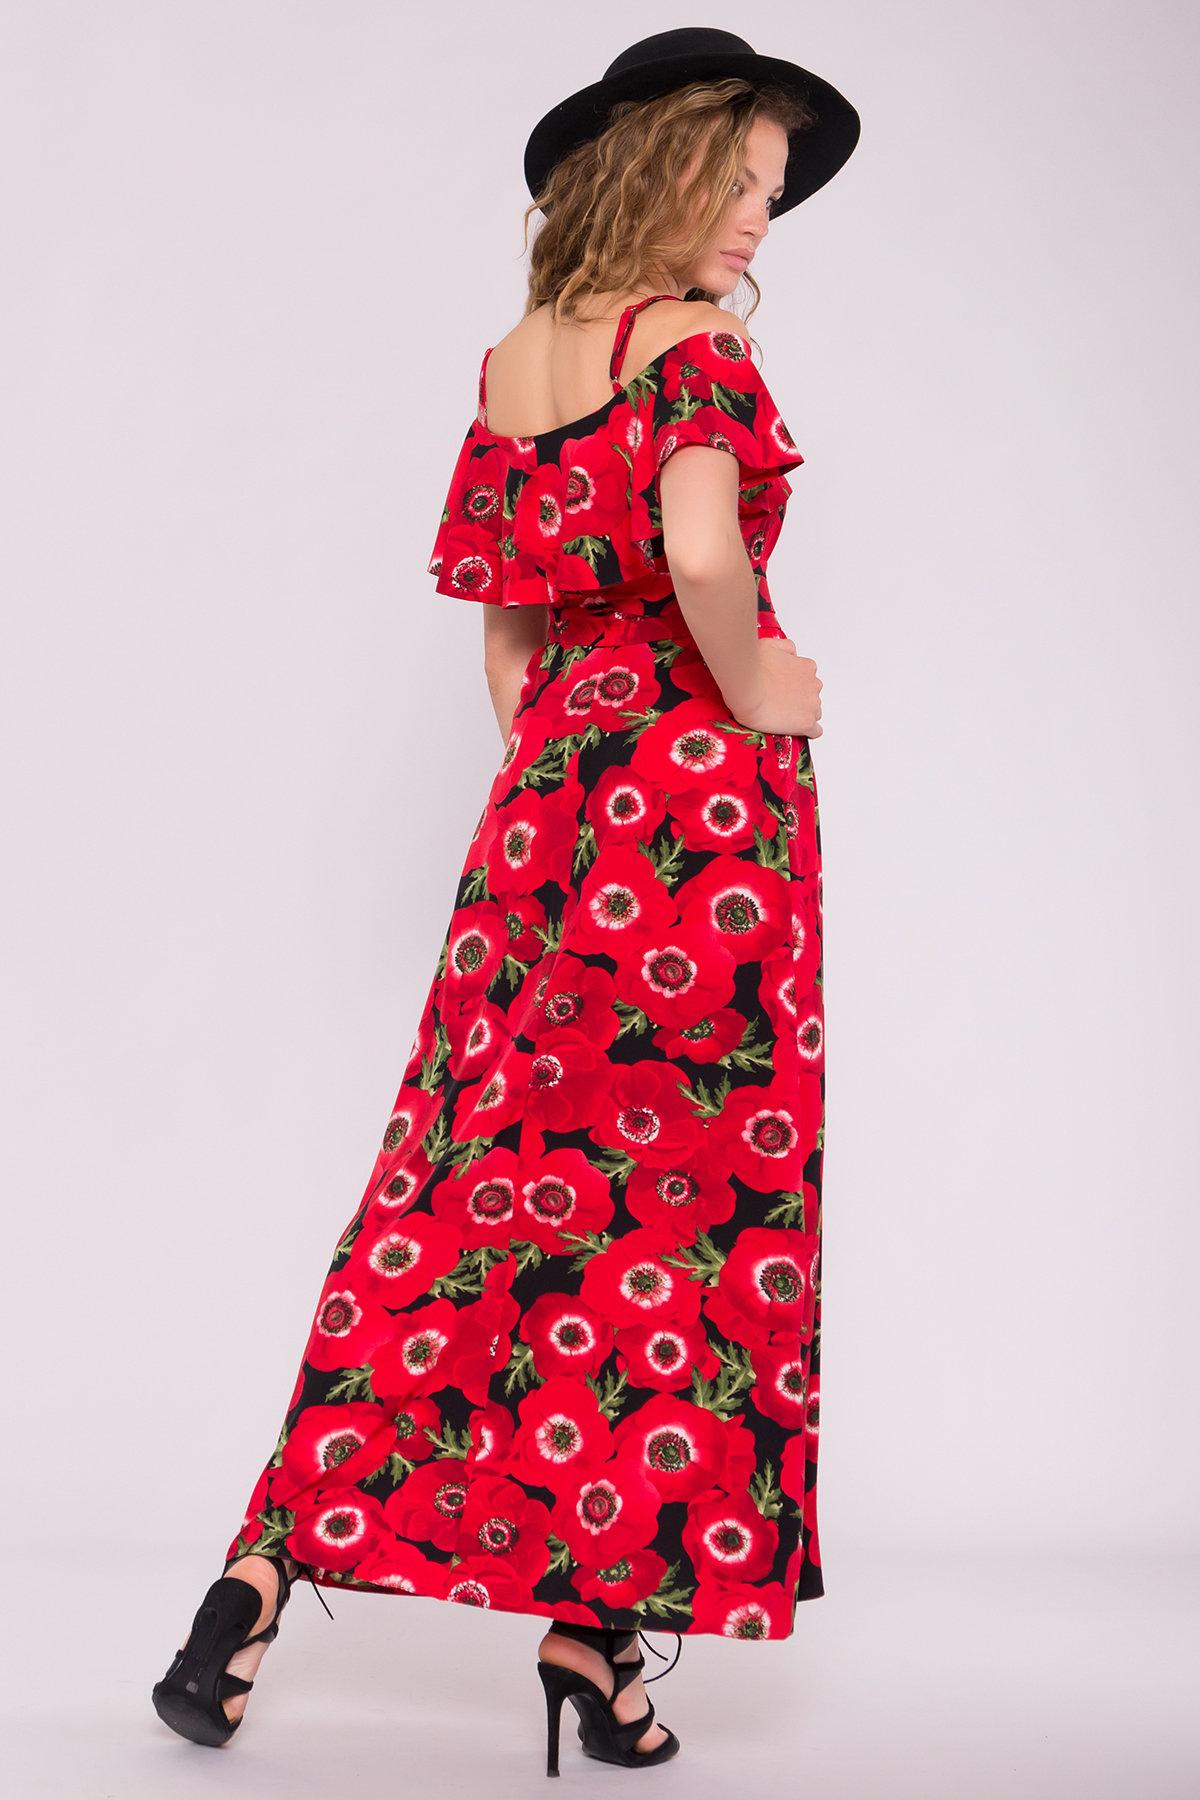 Платье Пикабу 7238 АРТ. 42803 Цвет: Маки крупные красн/черный - фото 2, интернет магазин tm-modus.ru